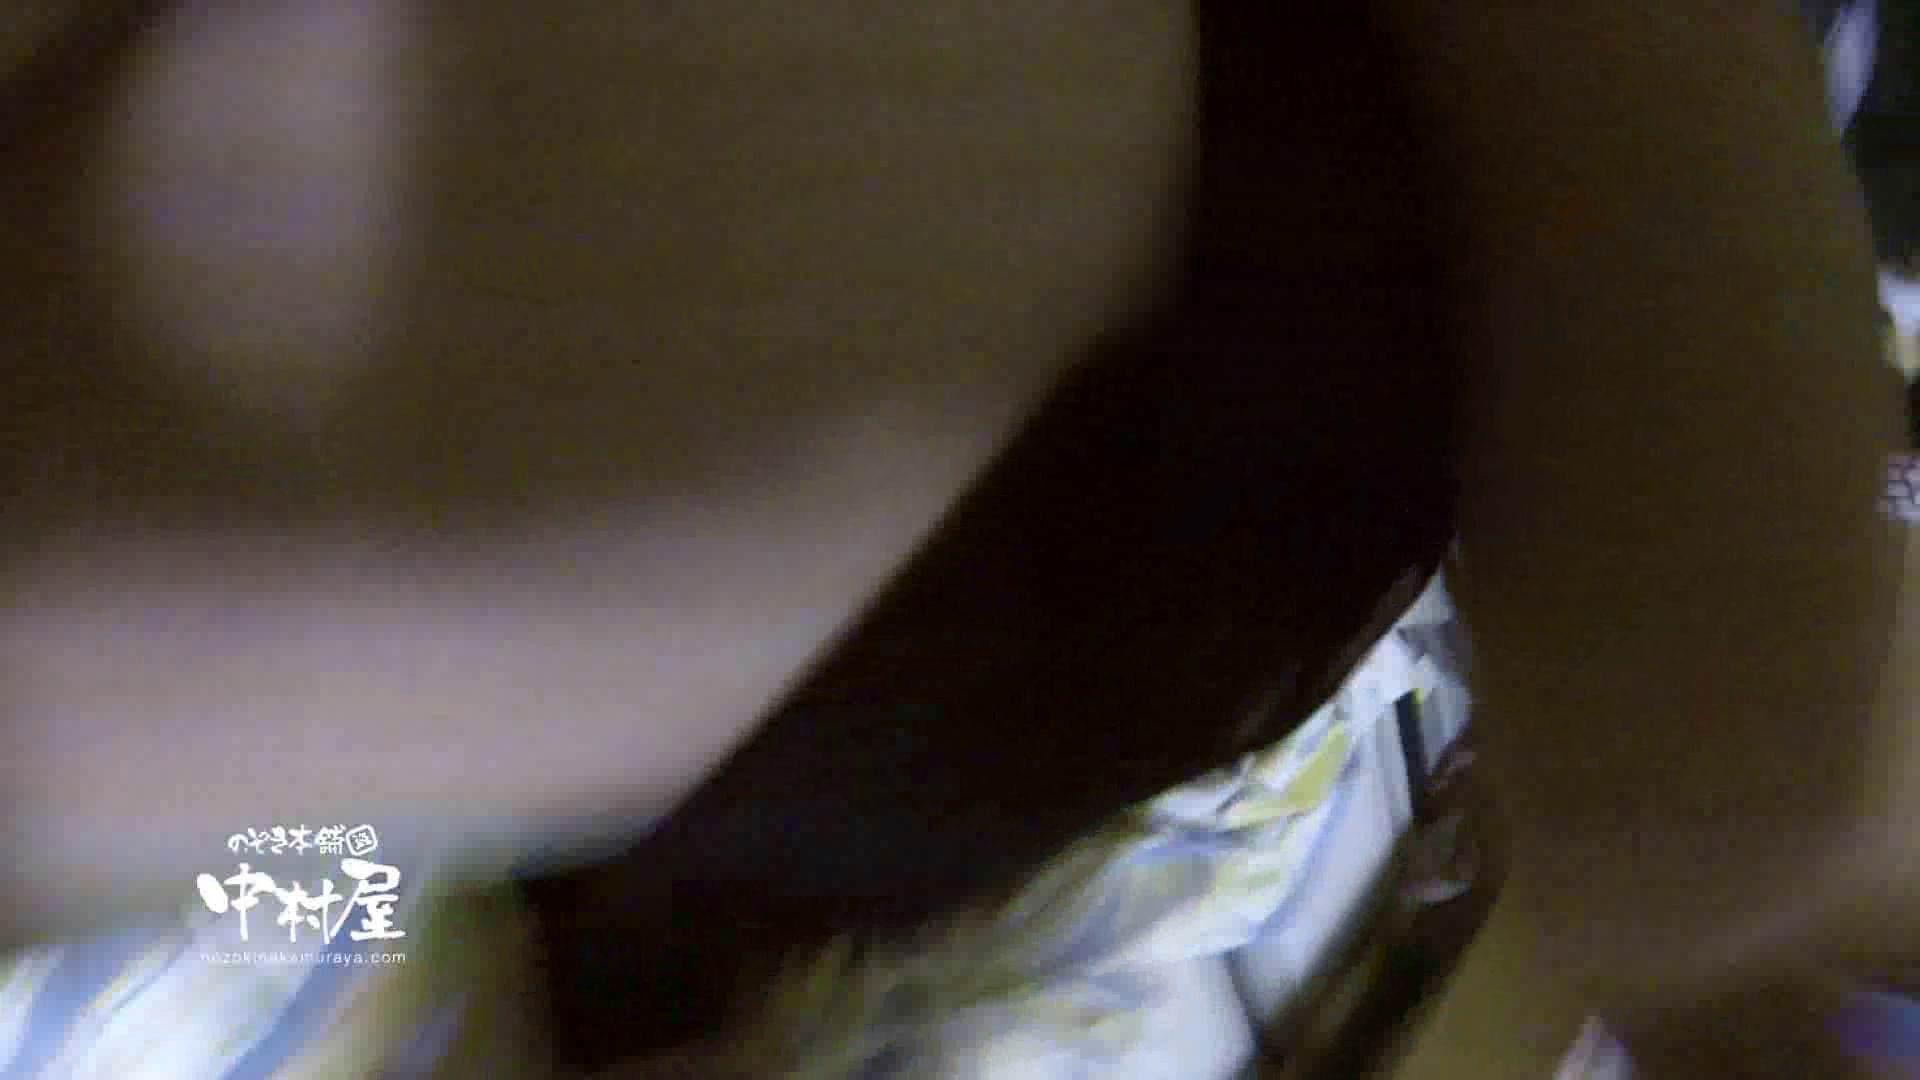 鬼畜 vol.09 無慈悲!中出し爆乳! 後編 中出し オメコ無修正動画無料 91pic 46